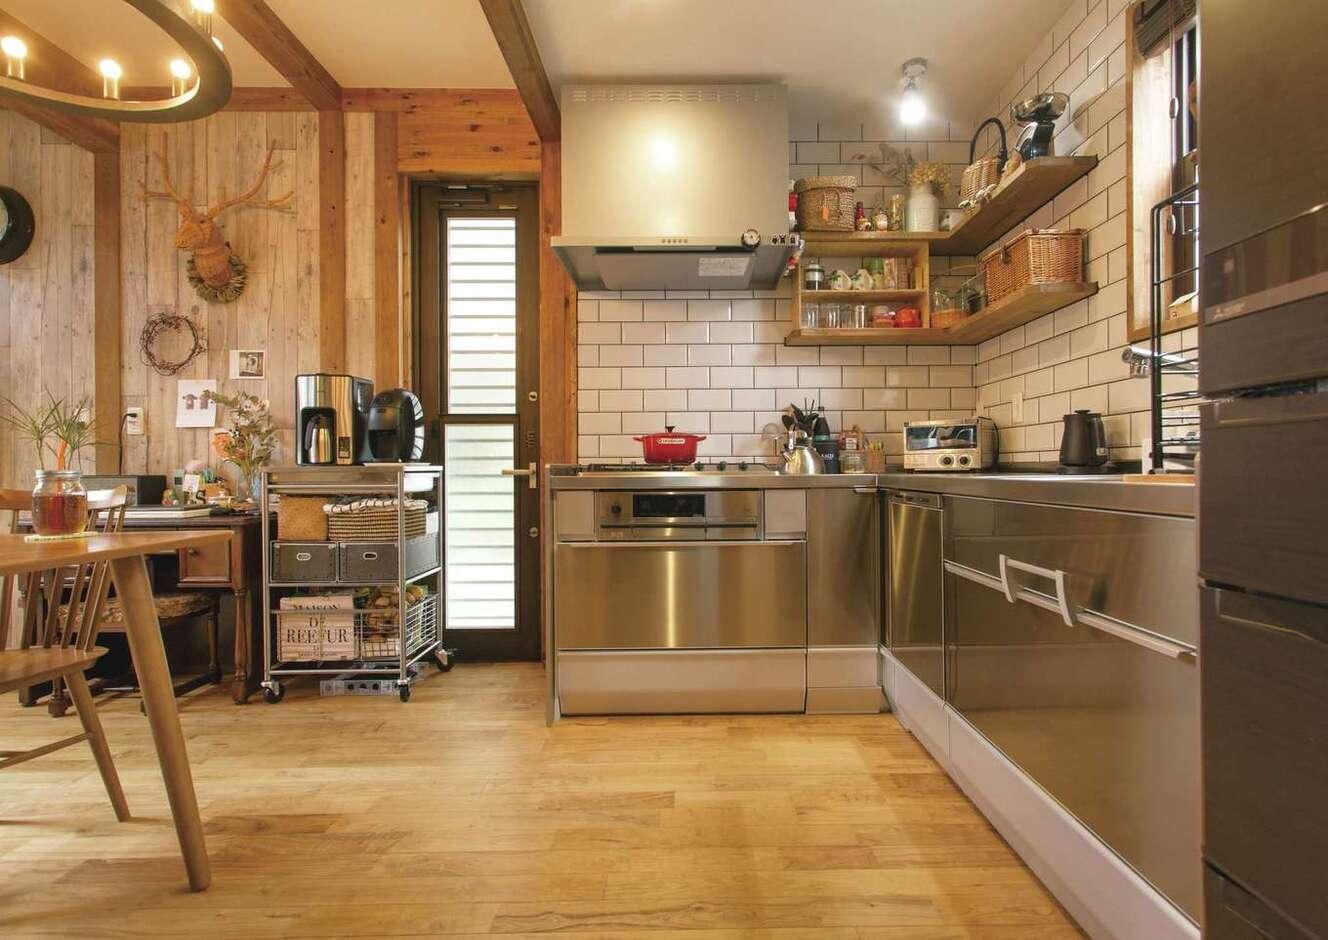 サイエンスホーム甲府店・笛吹店【デザイン住宅、自然素材、省エネ】オールステンレスのL字型キッチン。空間を広く使えるし、配膳も後片付けもラクラク